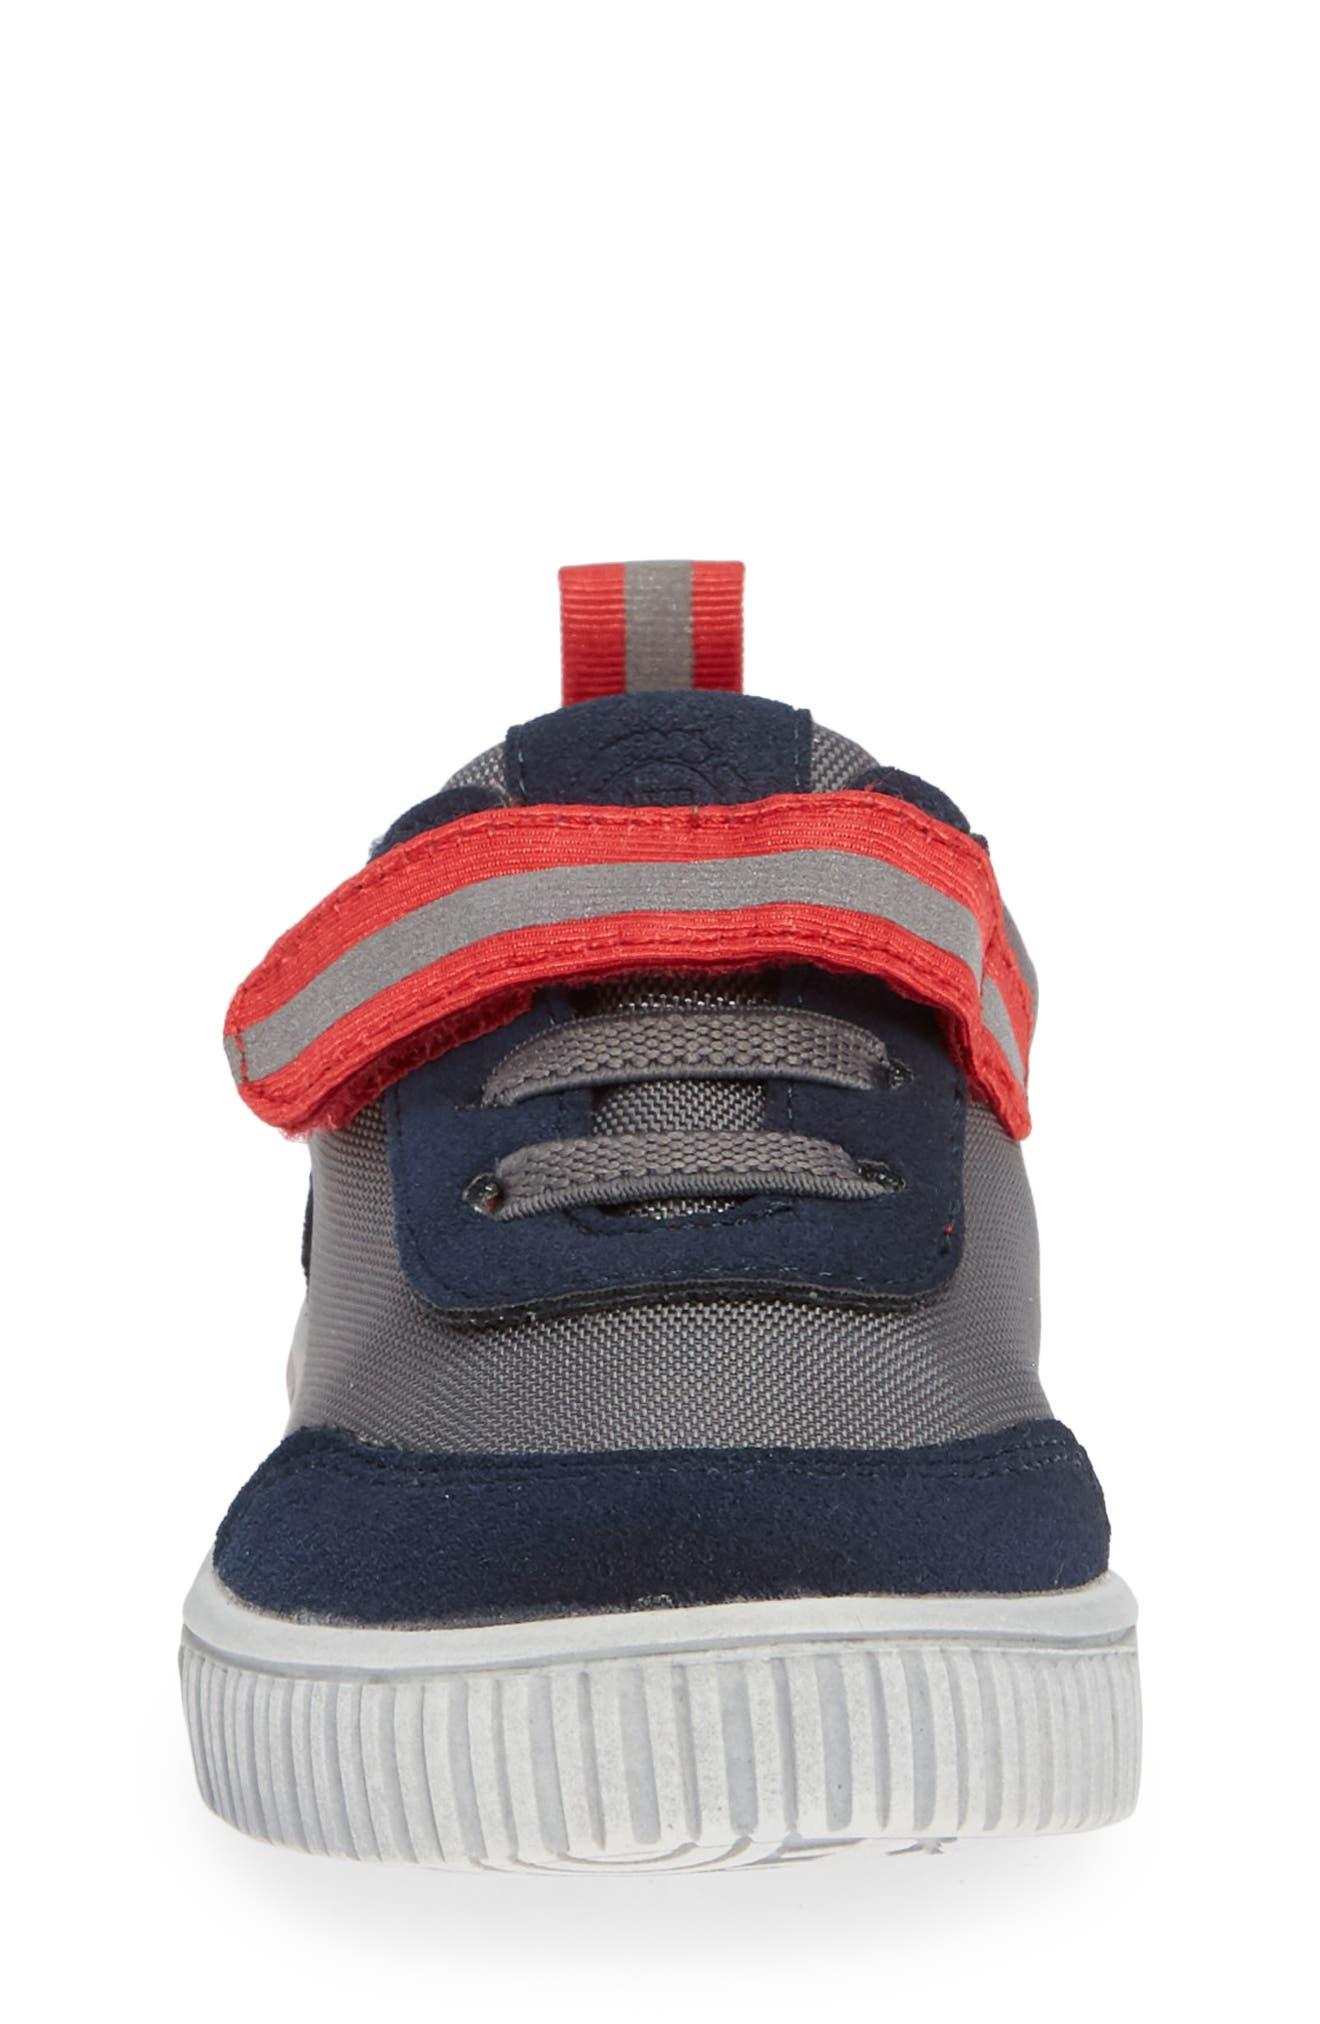 Vault Sneaker,                             Alternate thumbnail 4, color,                             SLATE GREY